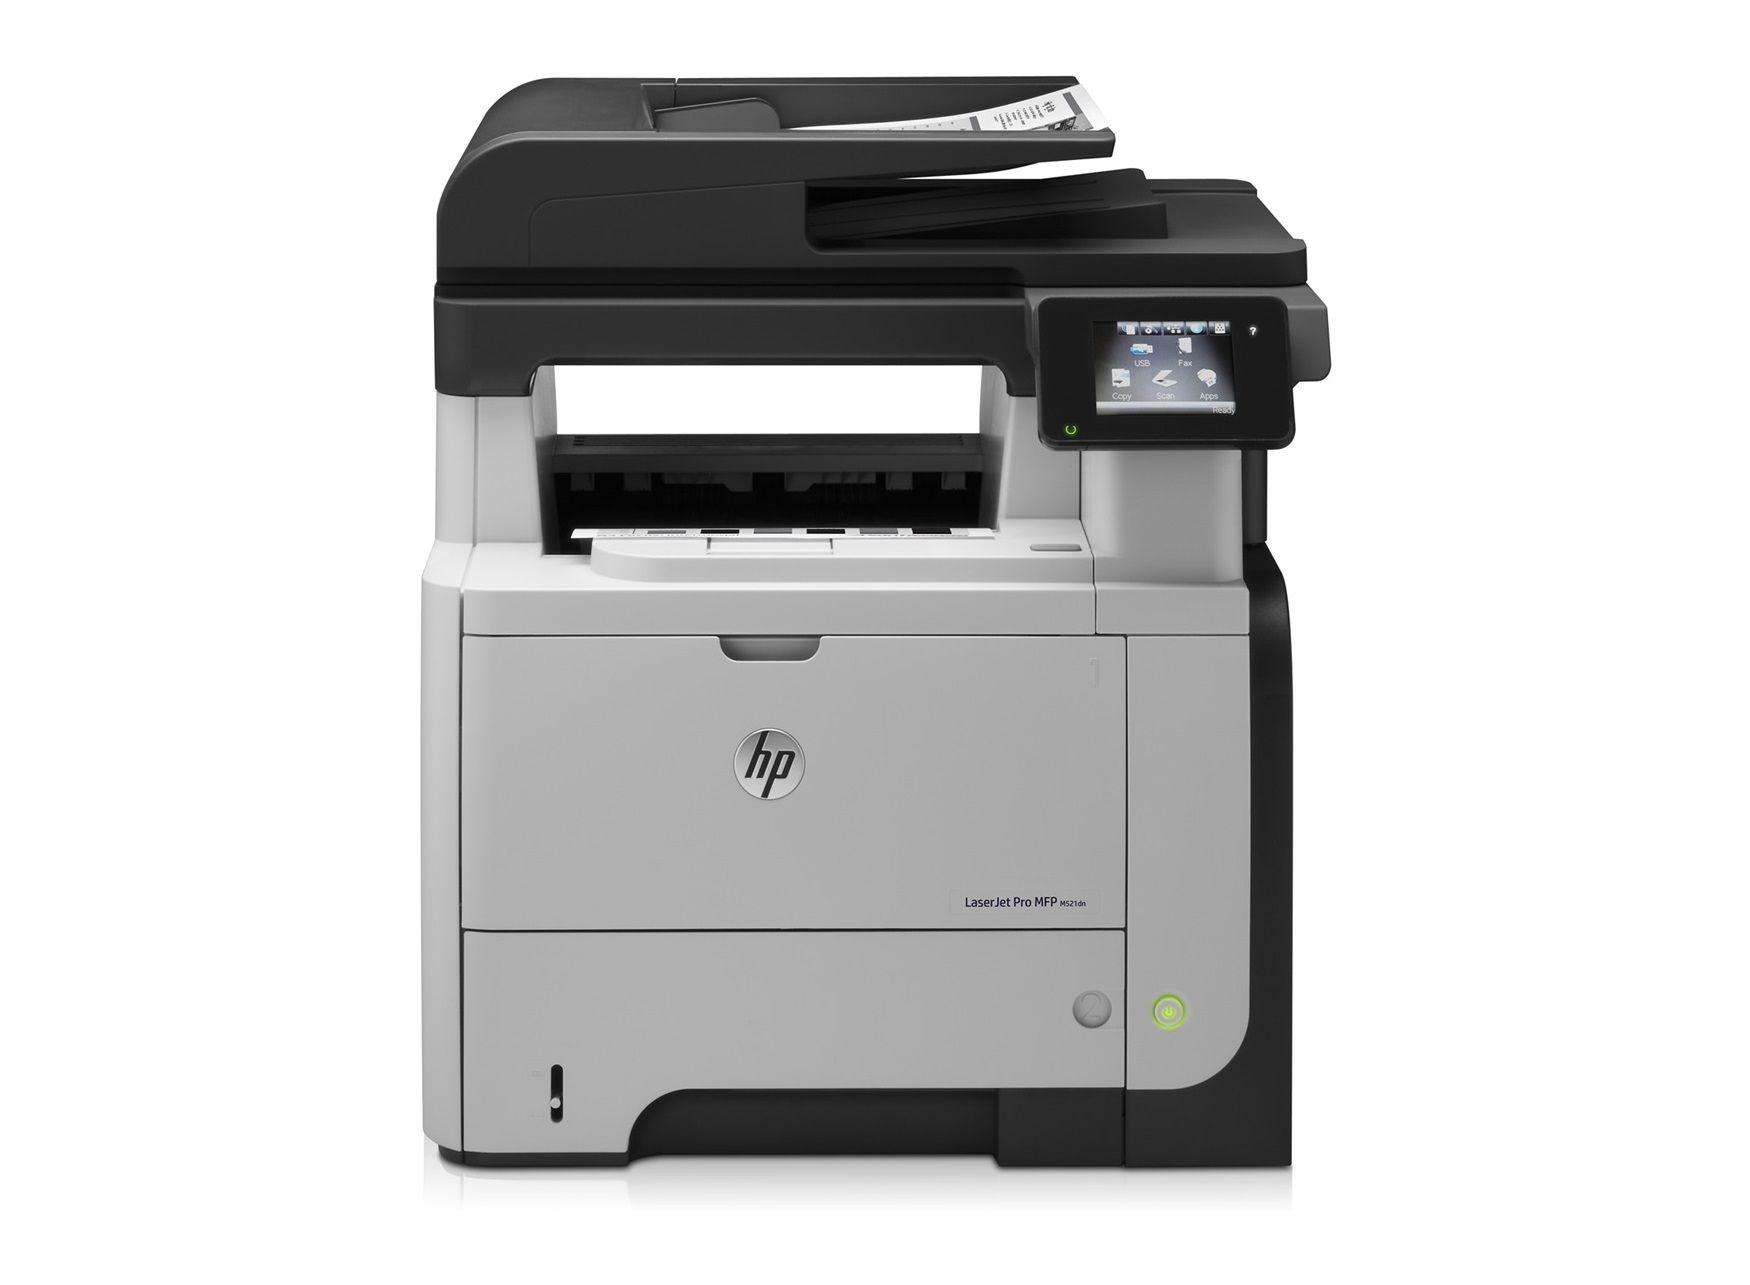 Monochrom Multifunktionsdrucker HP Laserjet Pro MFP M521 - Serie